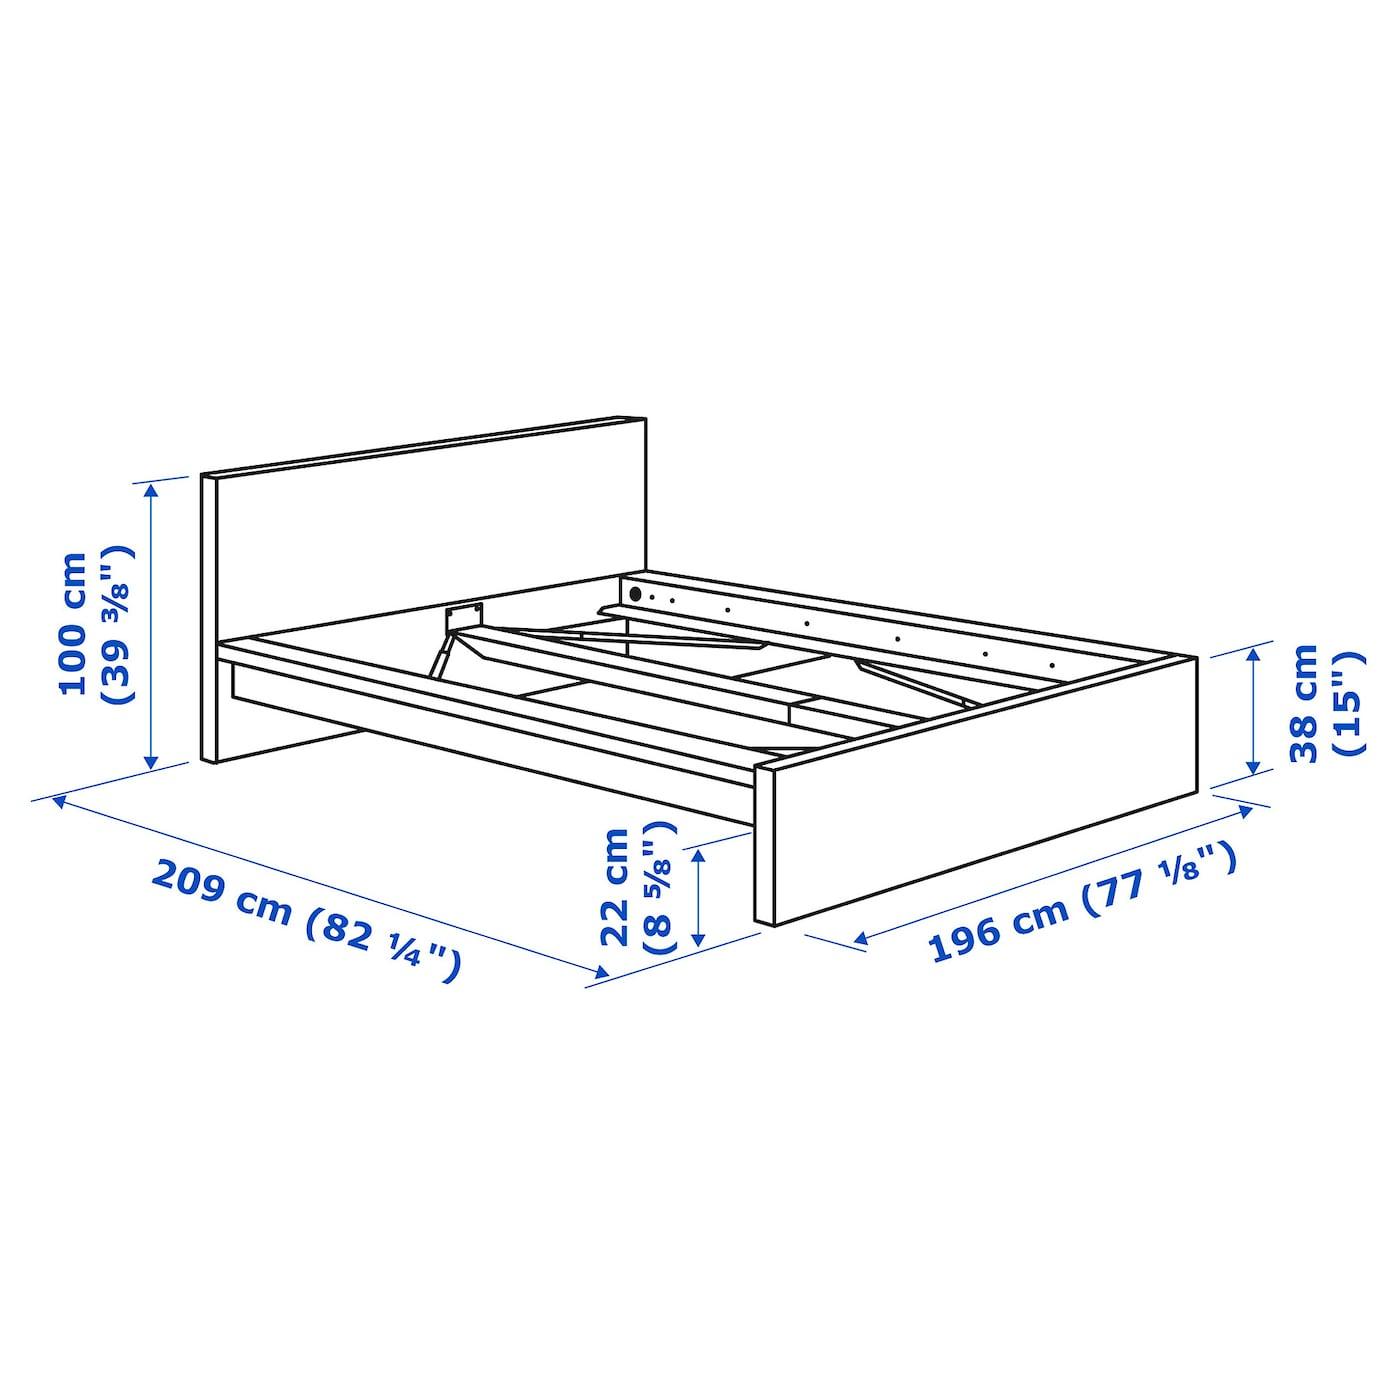 Malm Bettgestell Hoch Weiss Ikea Schweiz